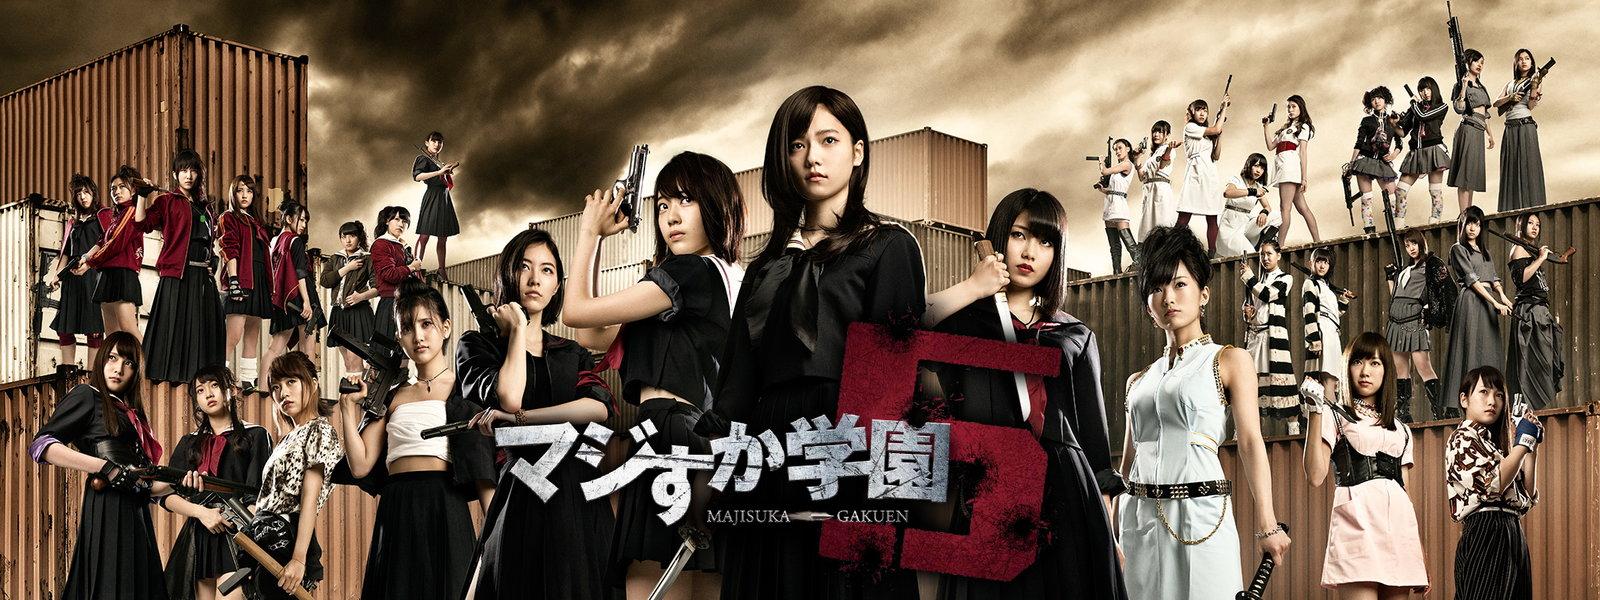 ドラマ「マジすか学園5」